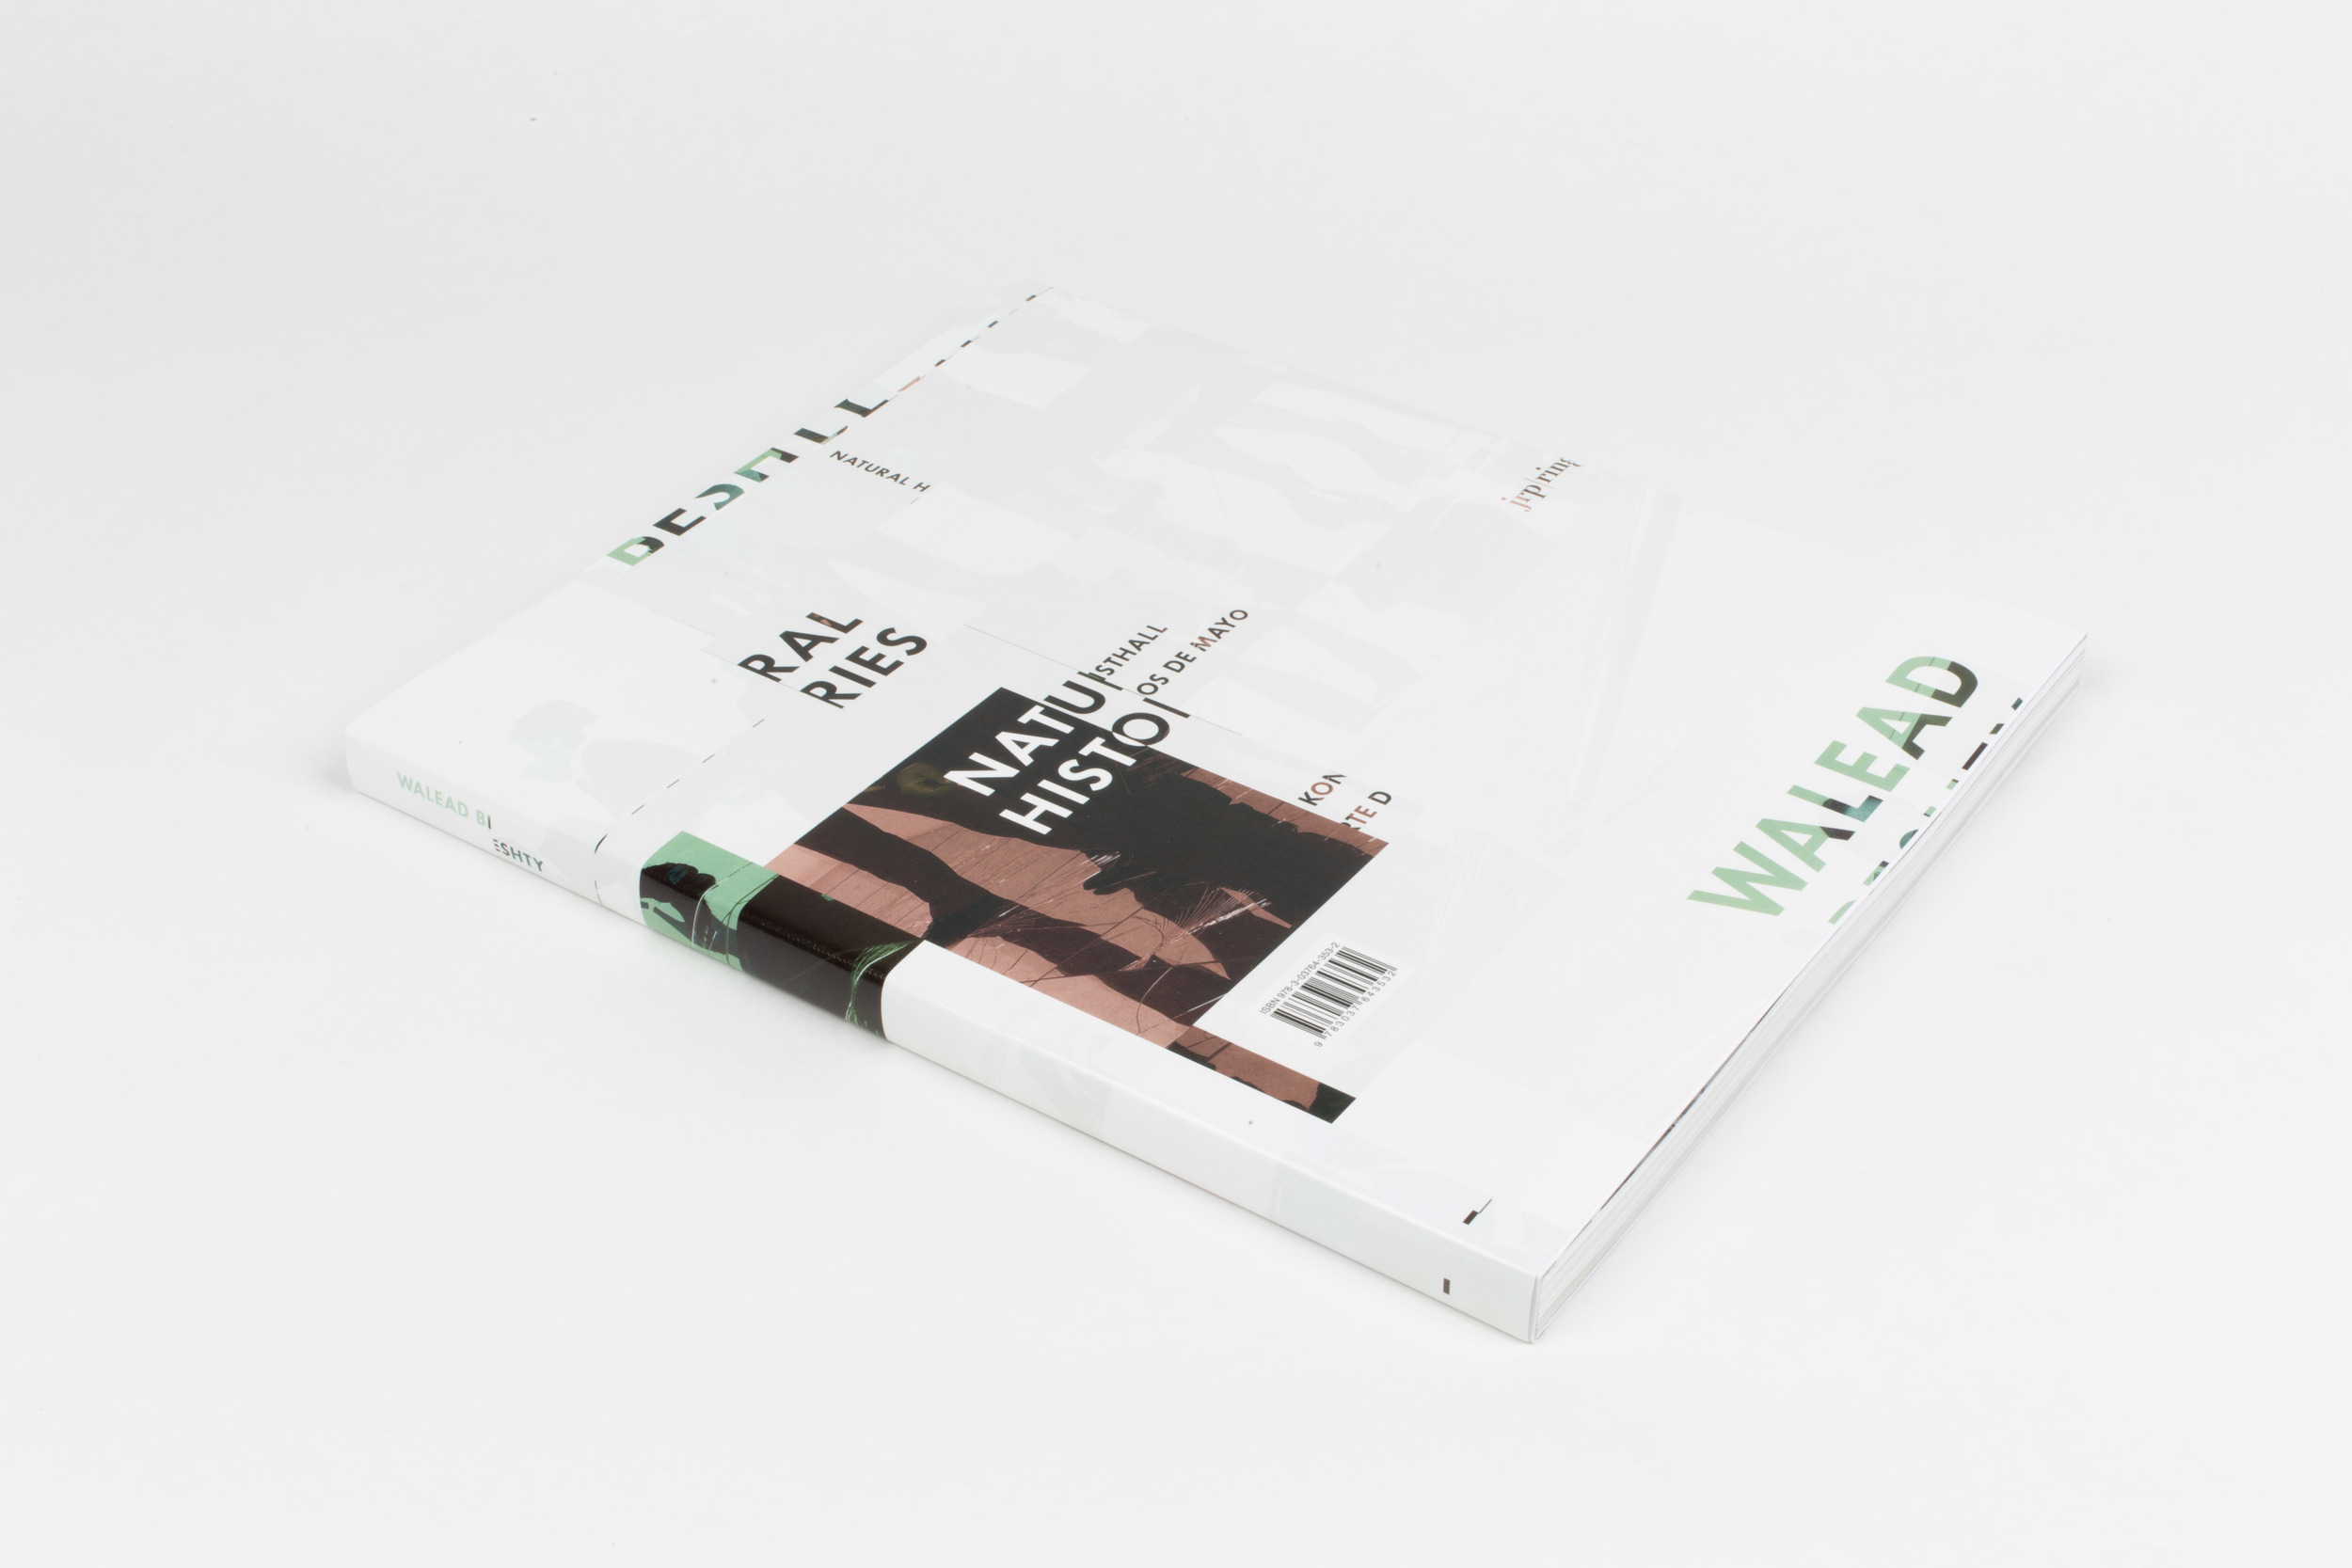 Walead Beshty: Natural Histories,  2nd ed. (Zurich, Switzerland: JRP|Ringier, 2014).